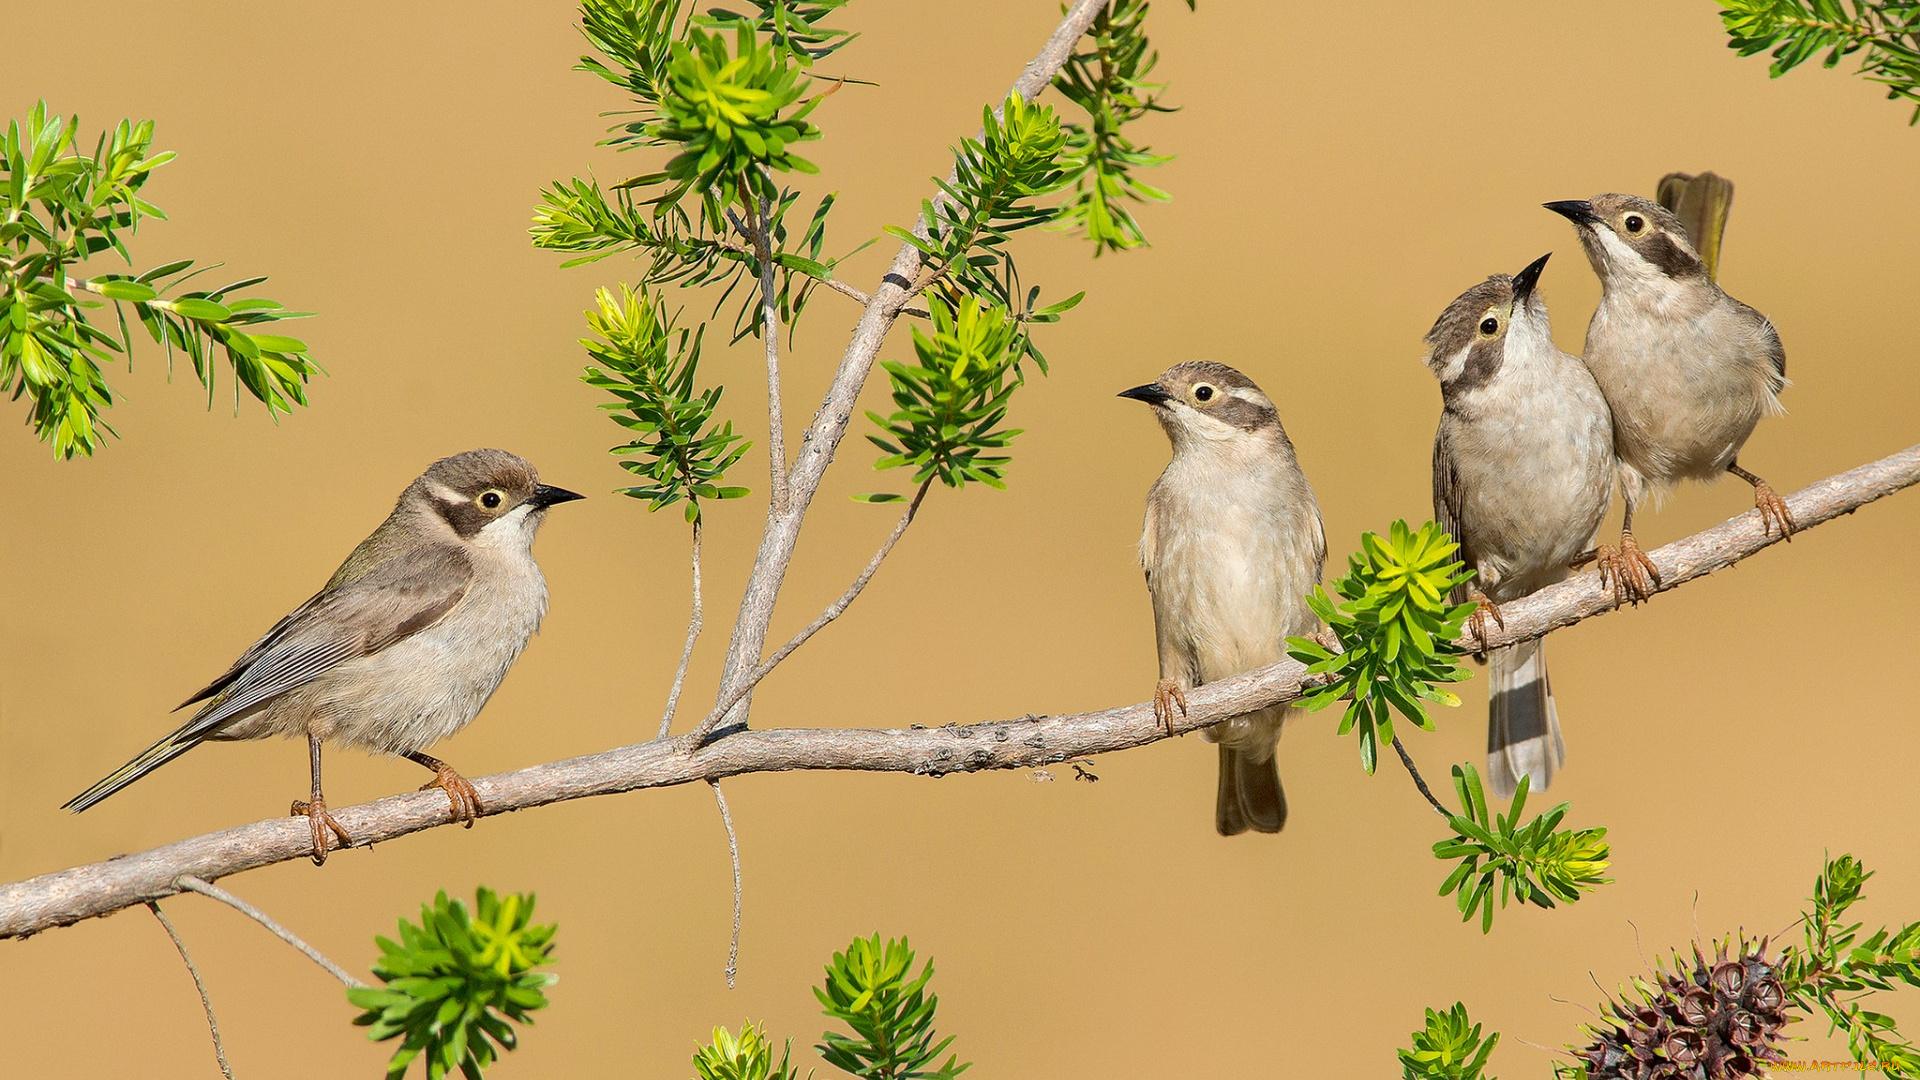 странно, картинки четыре птицы своем твиткаме ксения